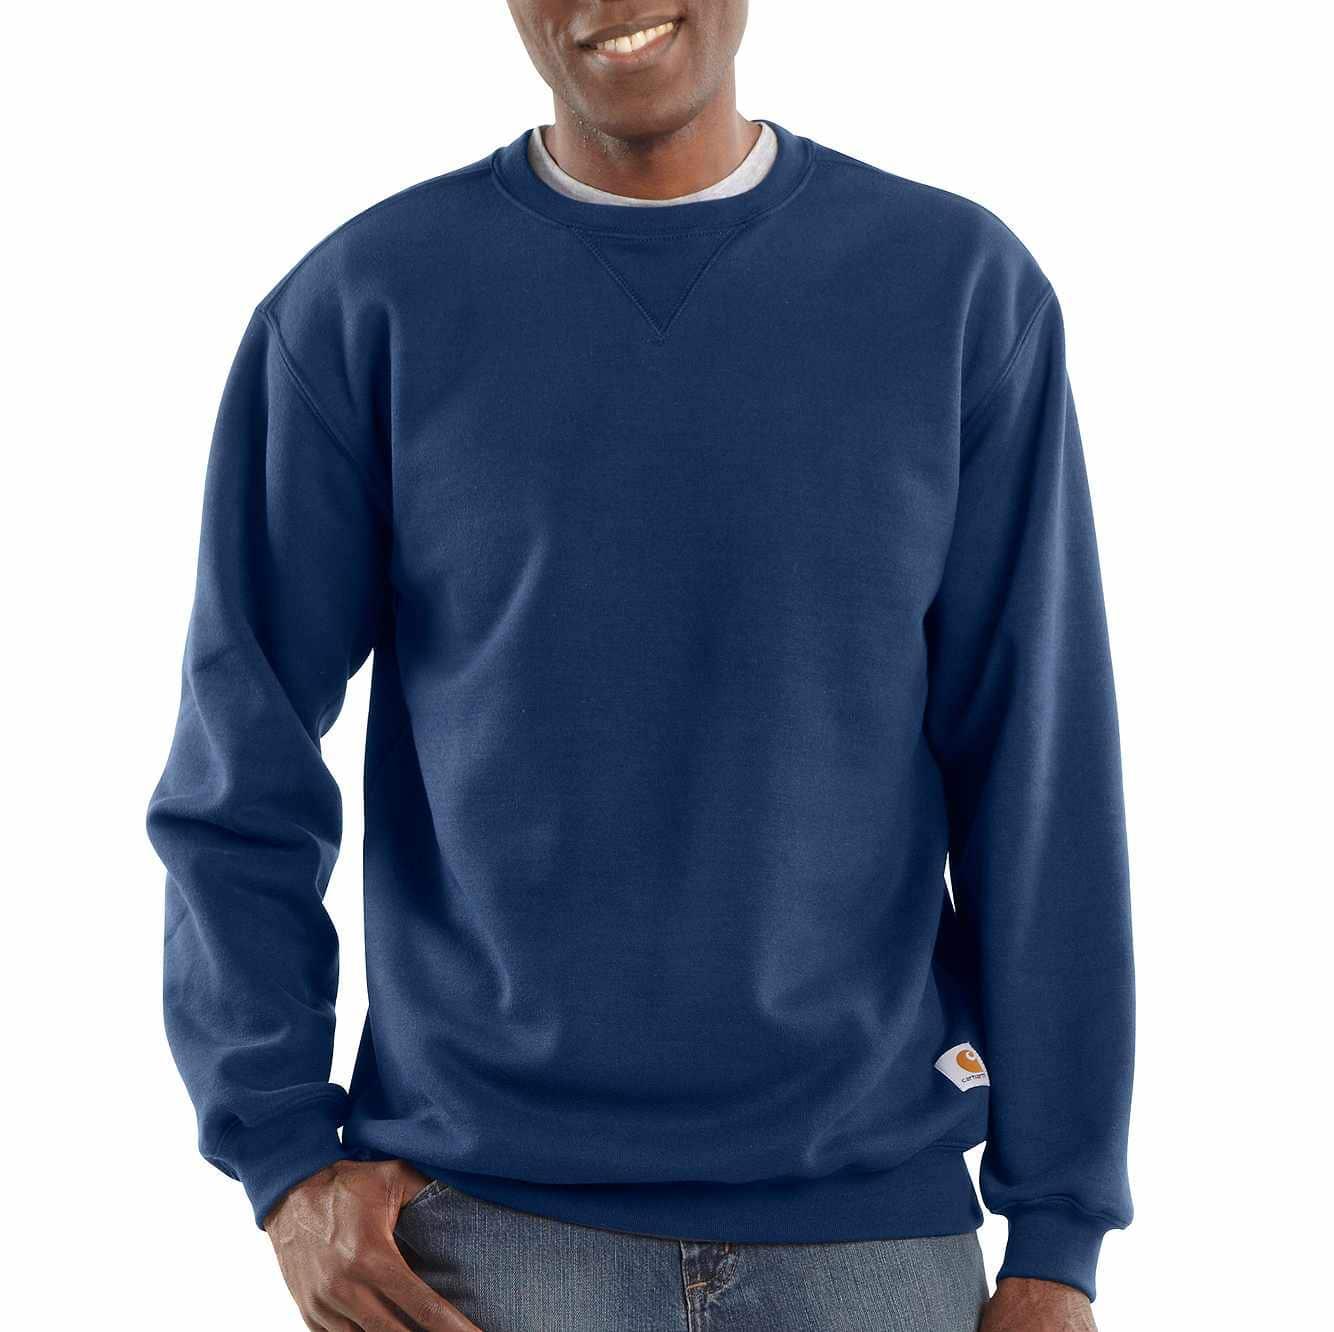 90e151cdeb6d Men's Midweight Crewneck Sweatshirt K124 | Carhartt